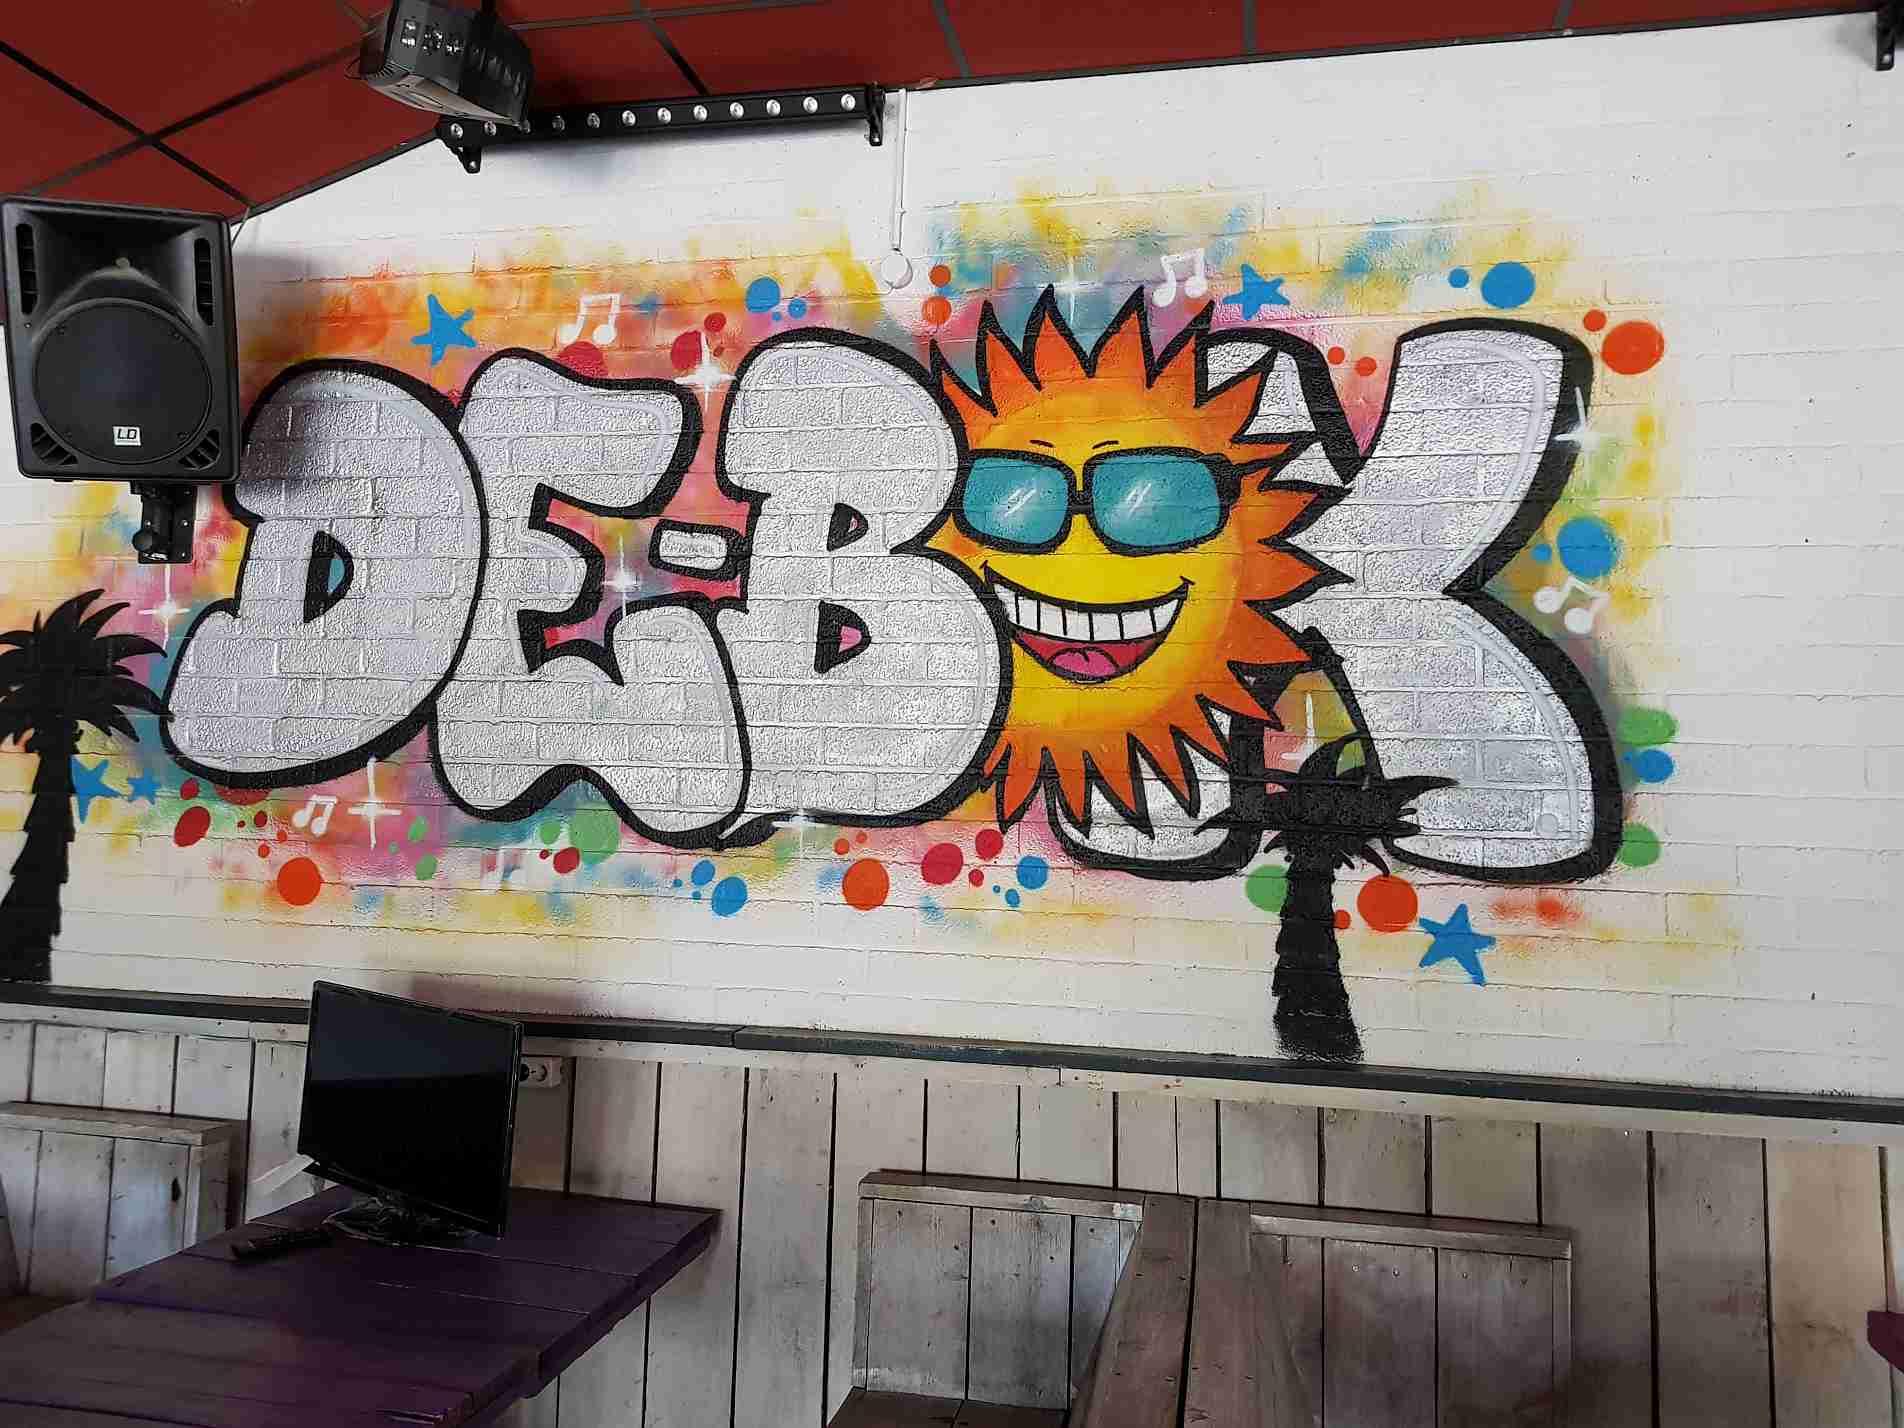 Camping met disco Overijssel, leuk voor uw tieners - Camping met leuke disco in OverijsselCamping met leuke disco in Overijssel